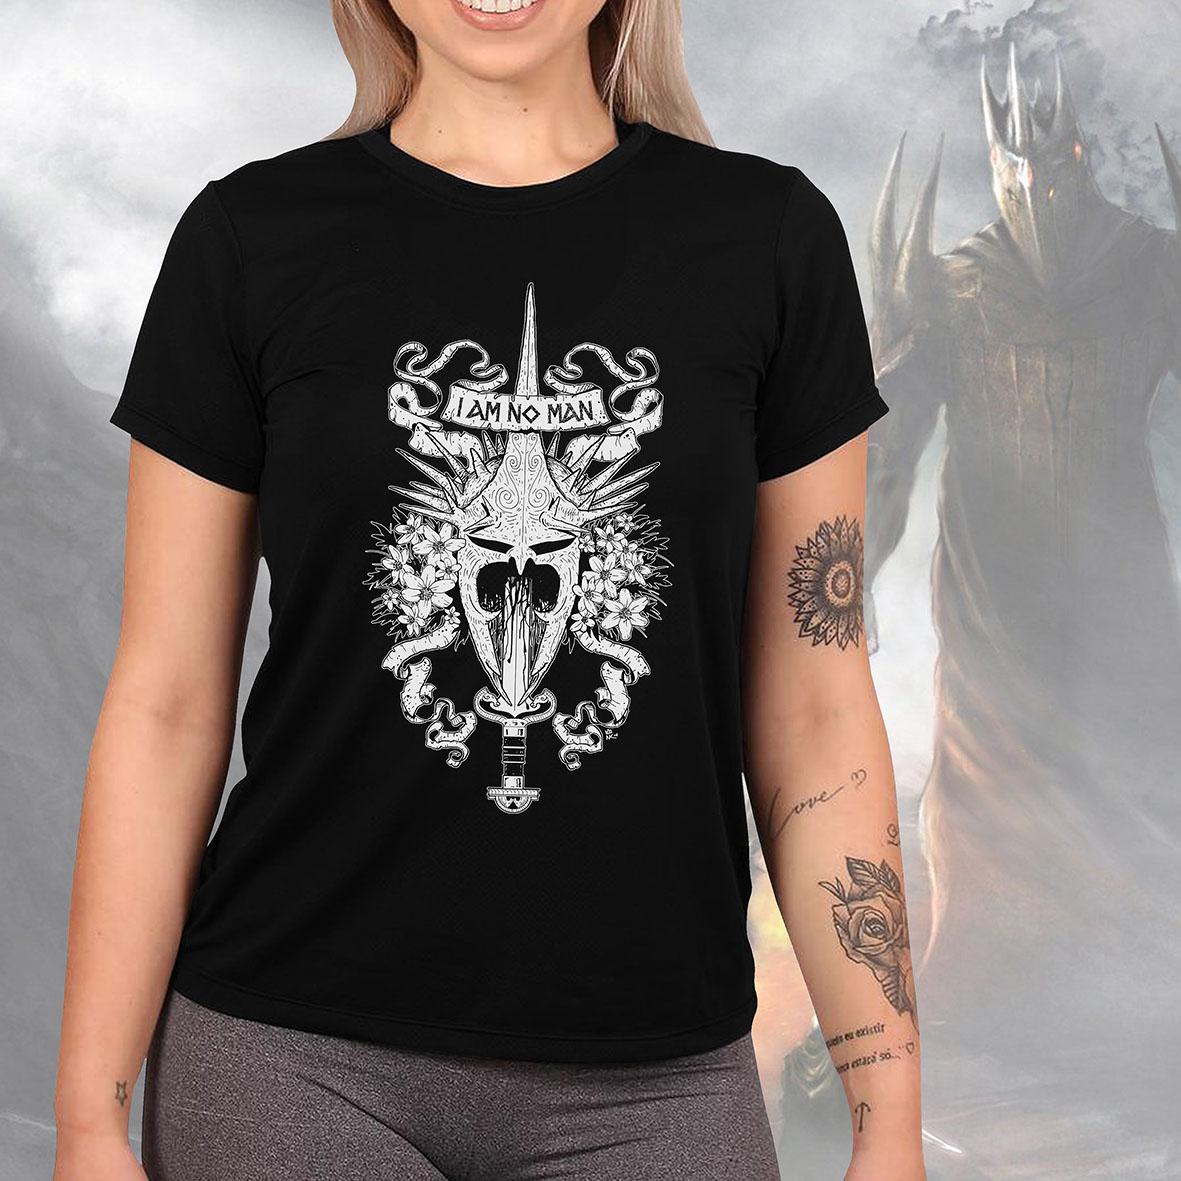 Camiseta Feminina Unissex Lord Of The Rings I Am No Man O Senhor Dos Anéis Anél Do Poder (Preta) - EV